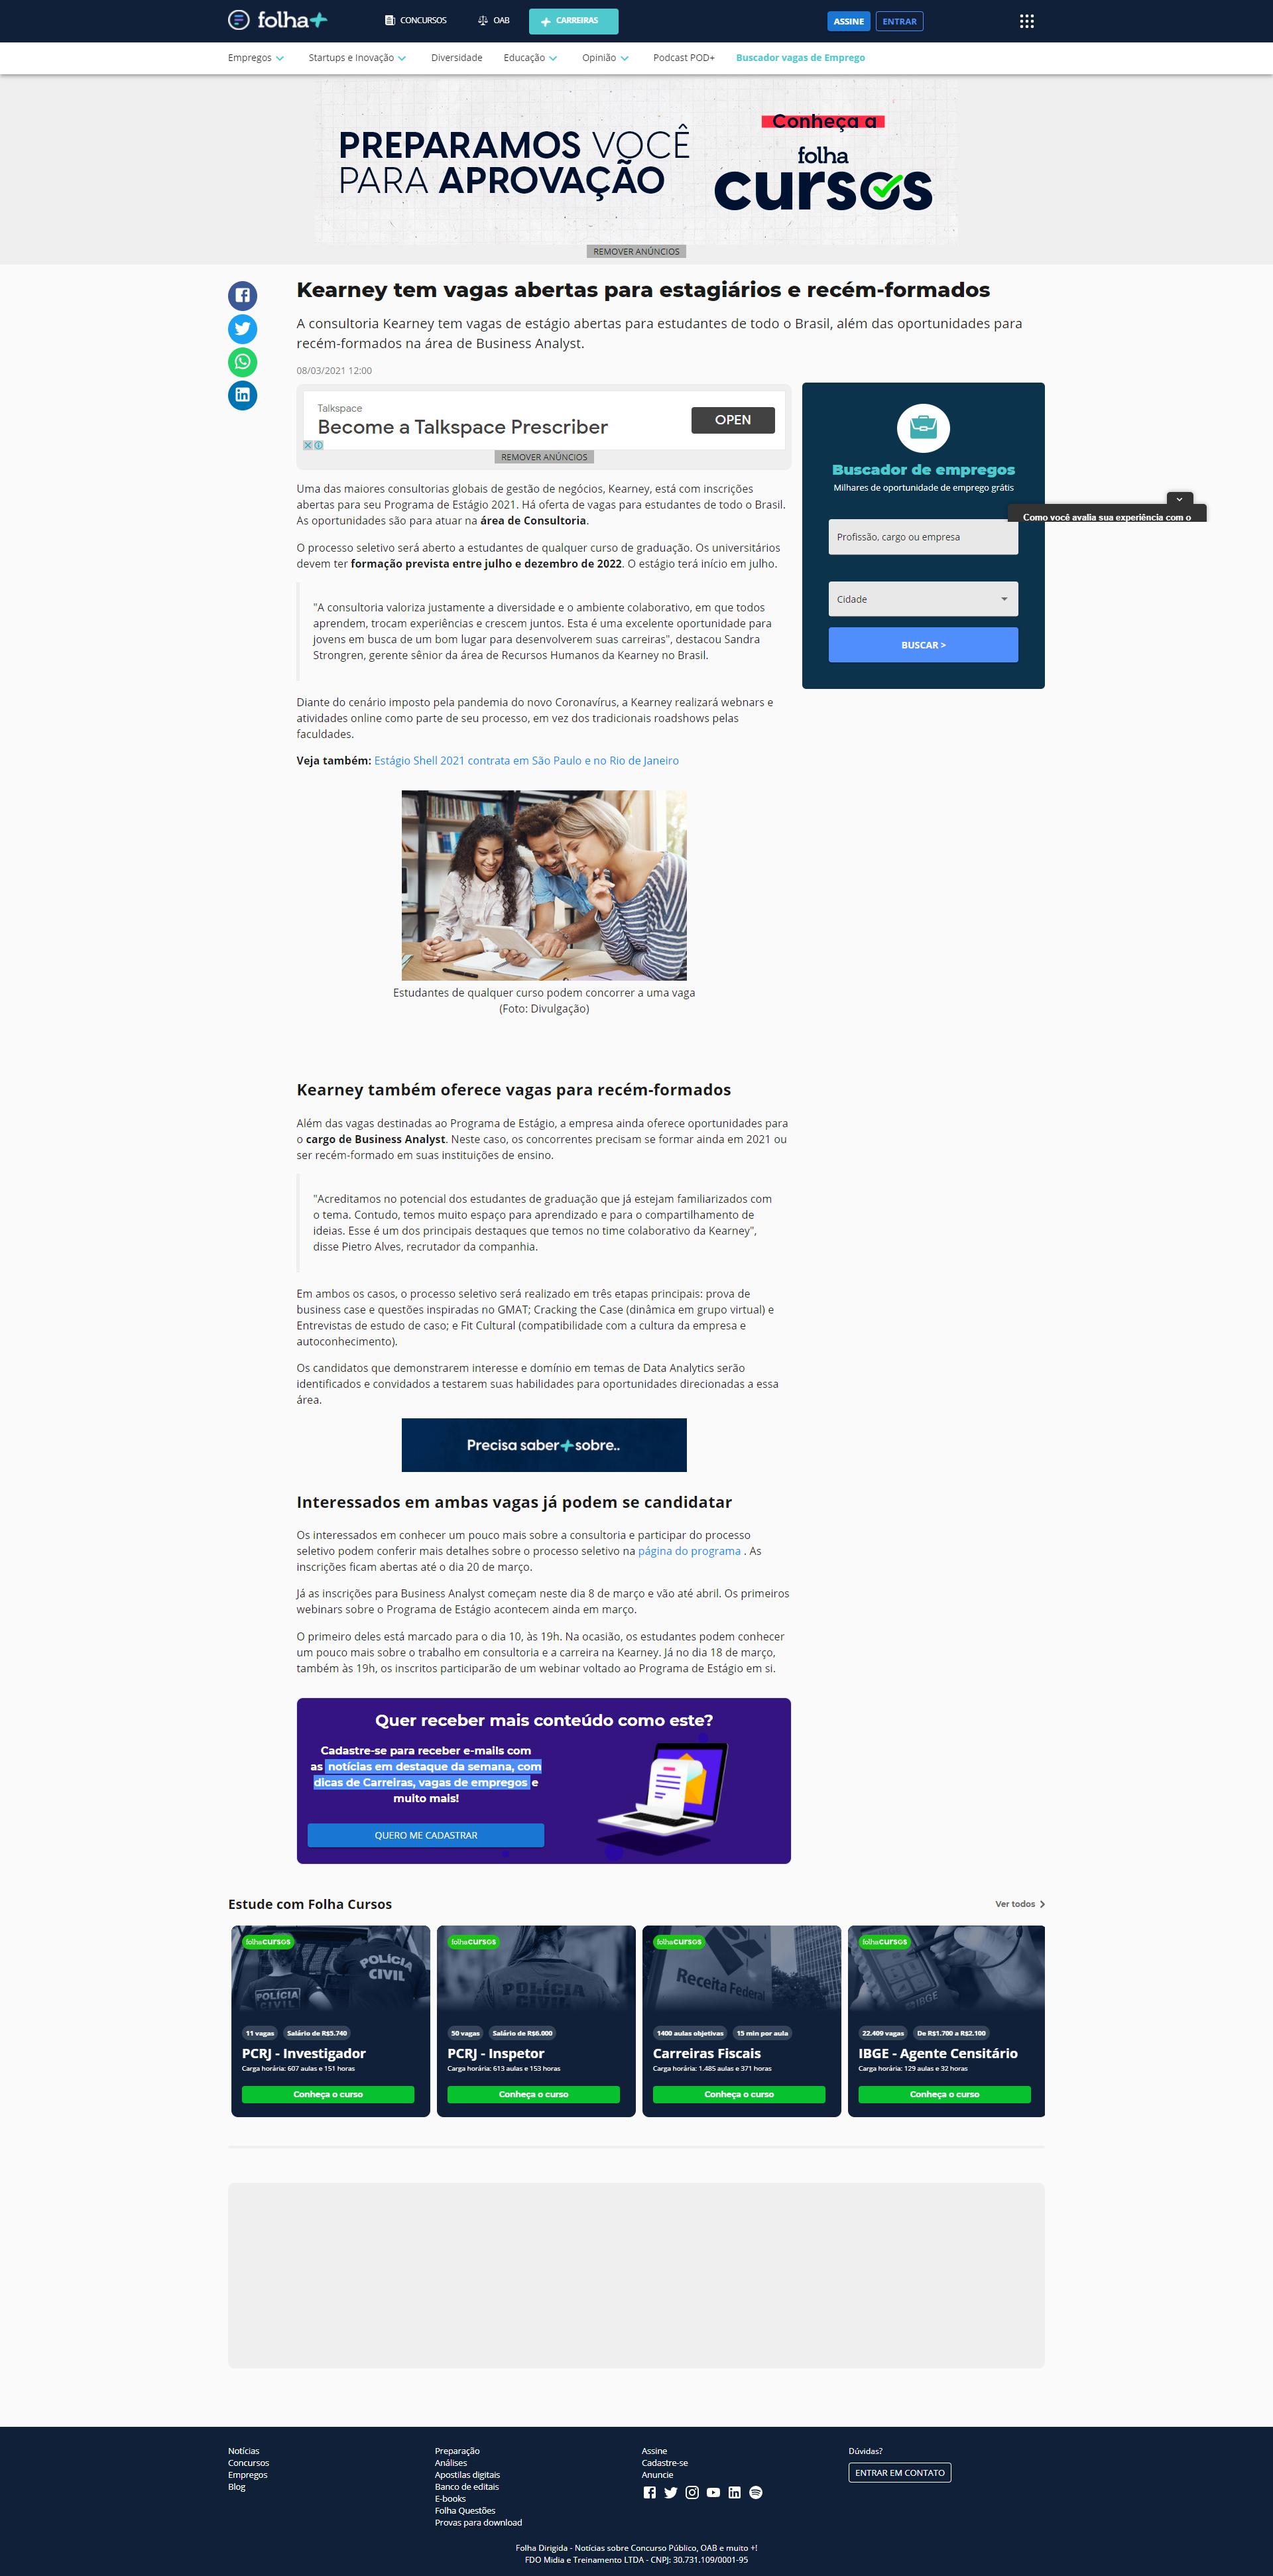 Kearney tem vagas abertas para estagiários e recém-formados - Folha Dirigida (On-line)